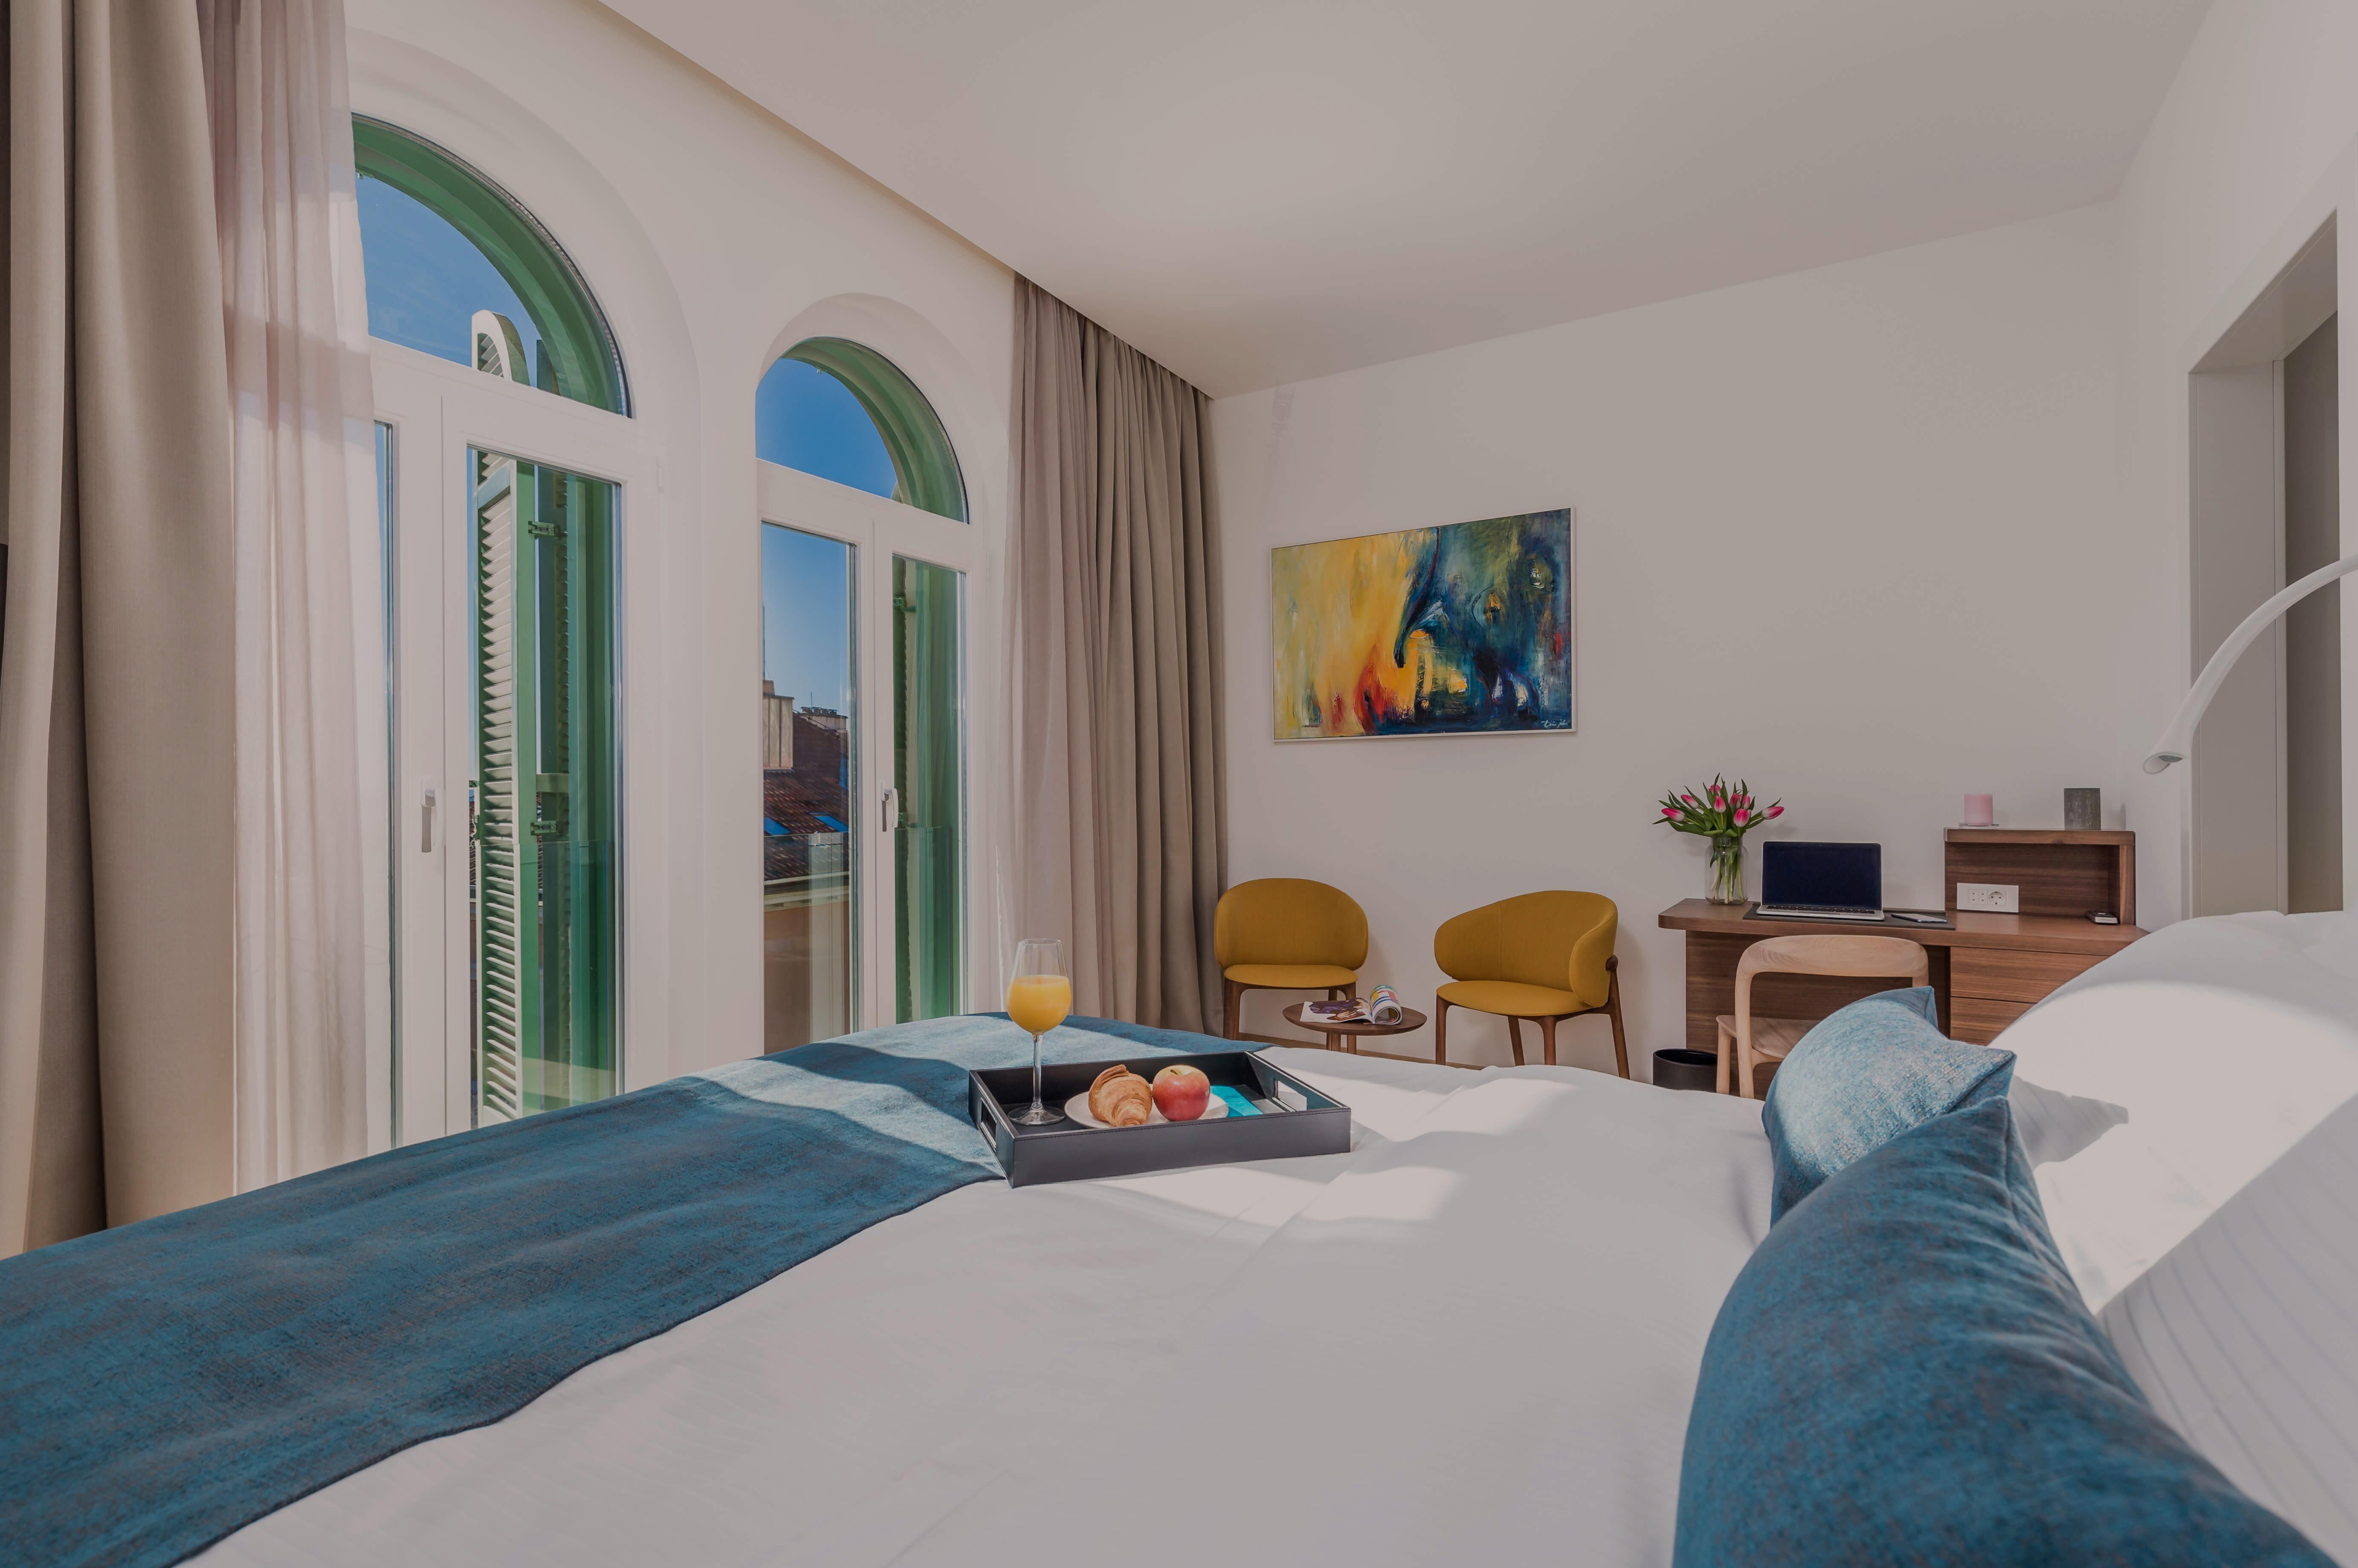 spavaća soba, luksuzni apartman, apartman OLA, opatija, kvarner, hrvatska, doručak u krevetu